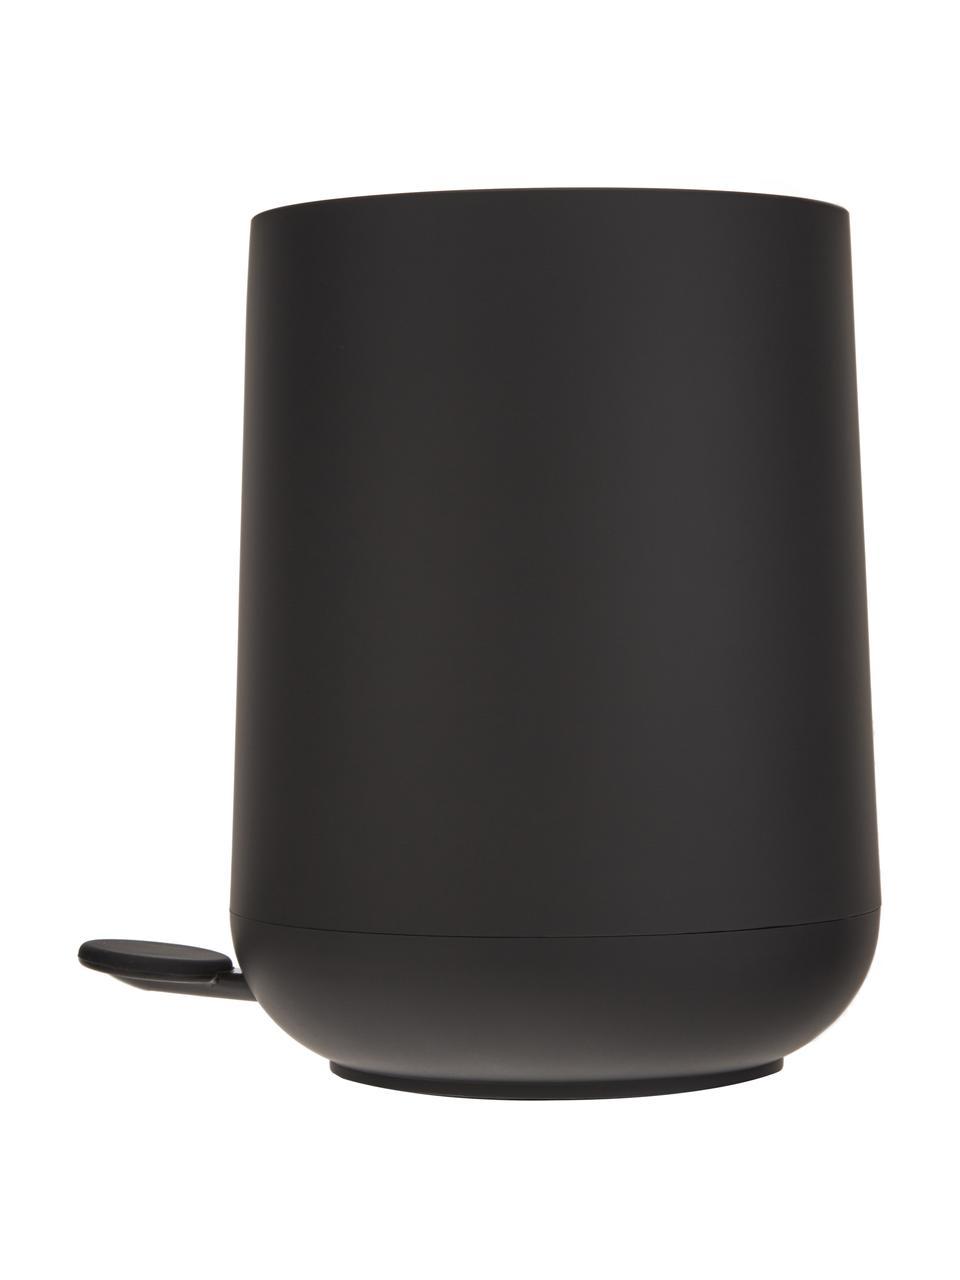 Kosz na śmieci Nova, Tworzywo sztuczne, Czarny, Ø 23 x 29 cm